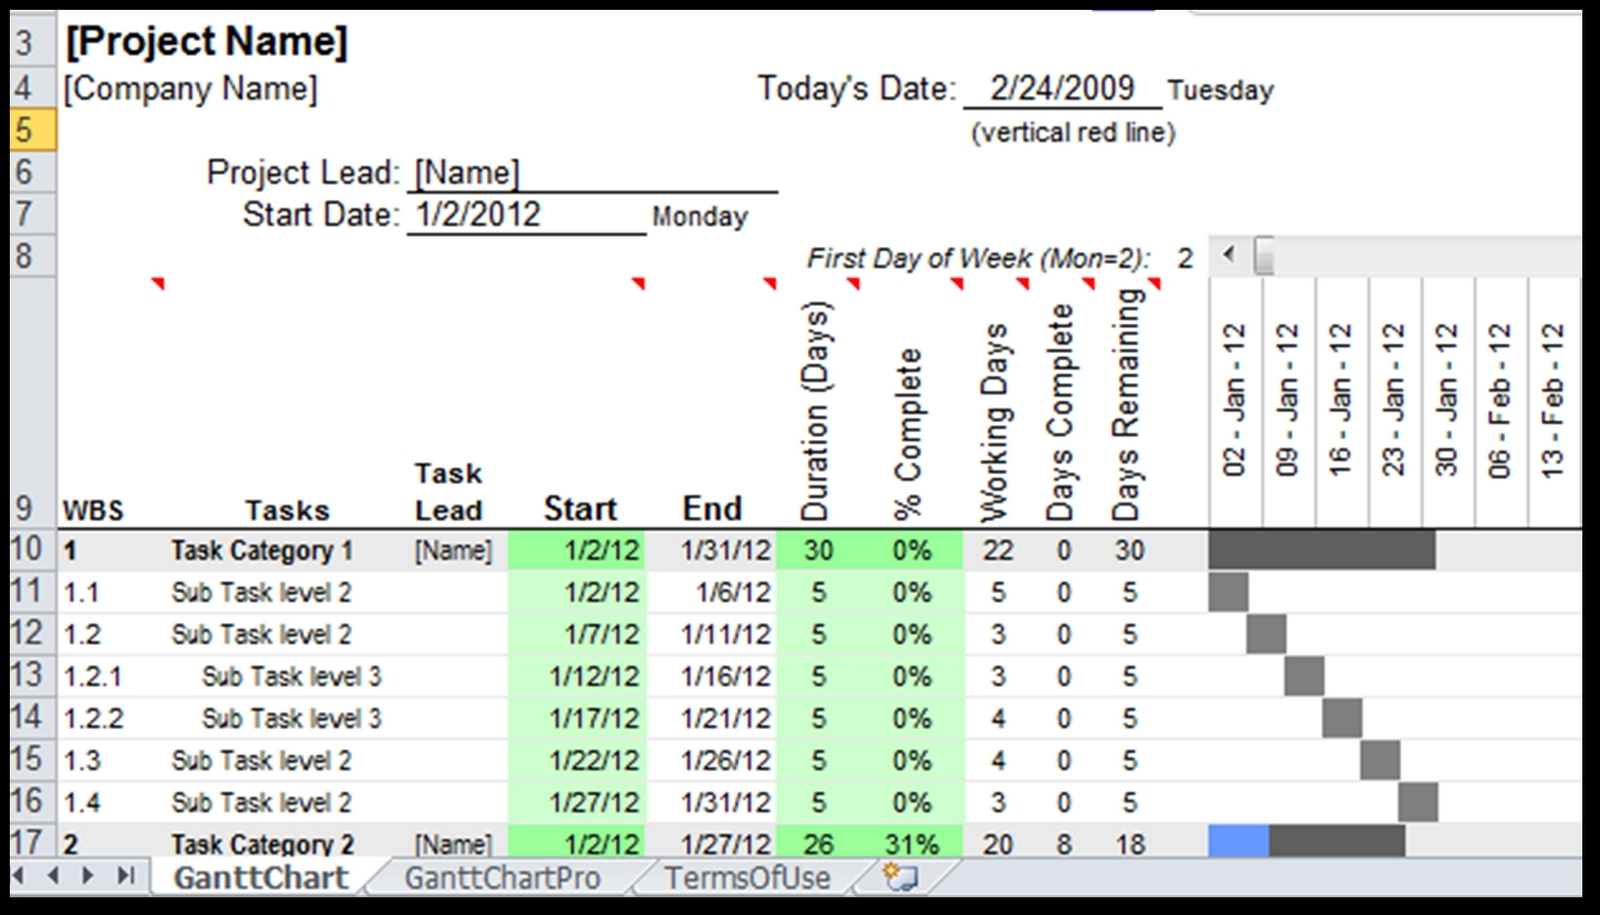 Gantt Chart Excel 2010 Template Free | Best Template & Design Images With Gantt Chart Template Excel 2010 Free